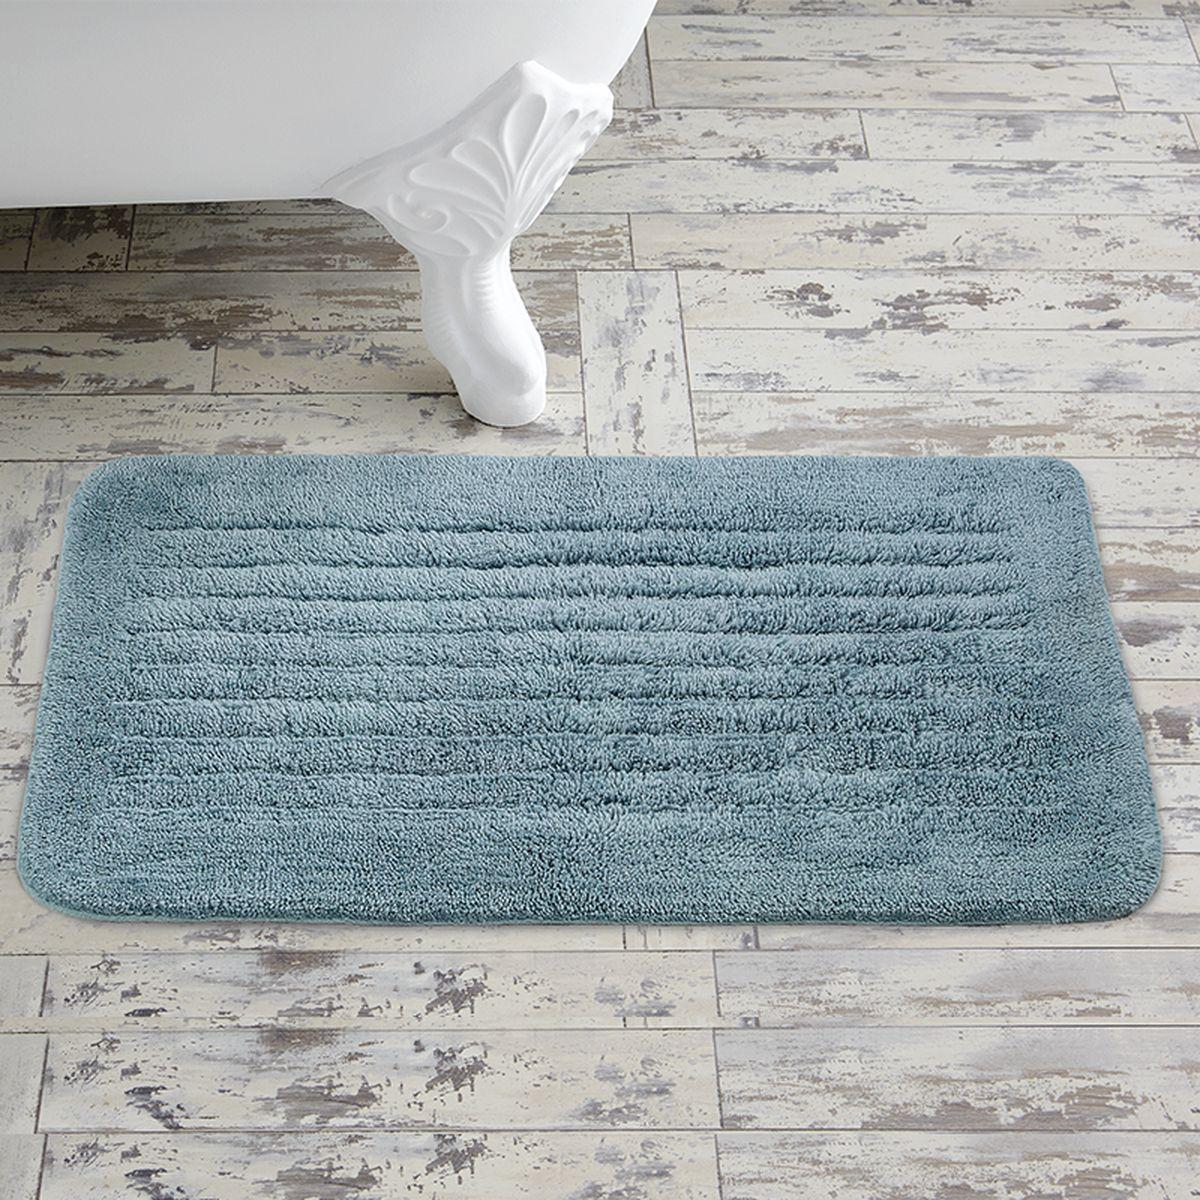 Коврик для ванной Togas Аква, 50 х 80 см togas коврик для ванной